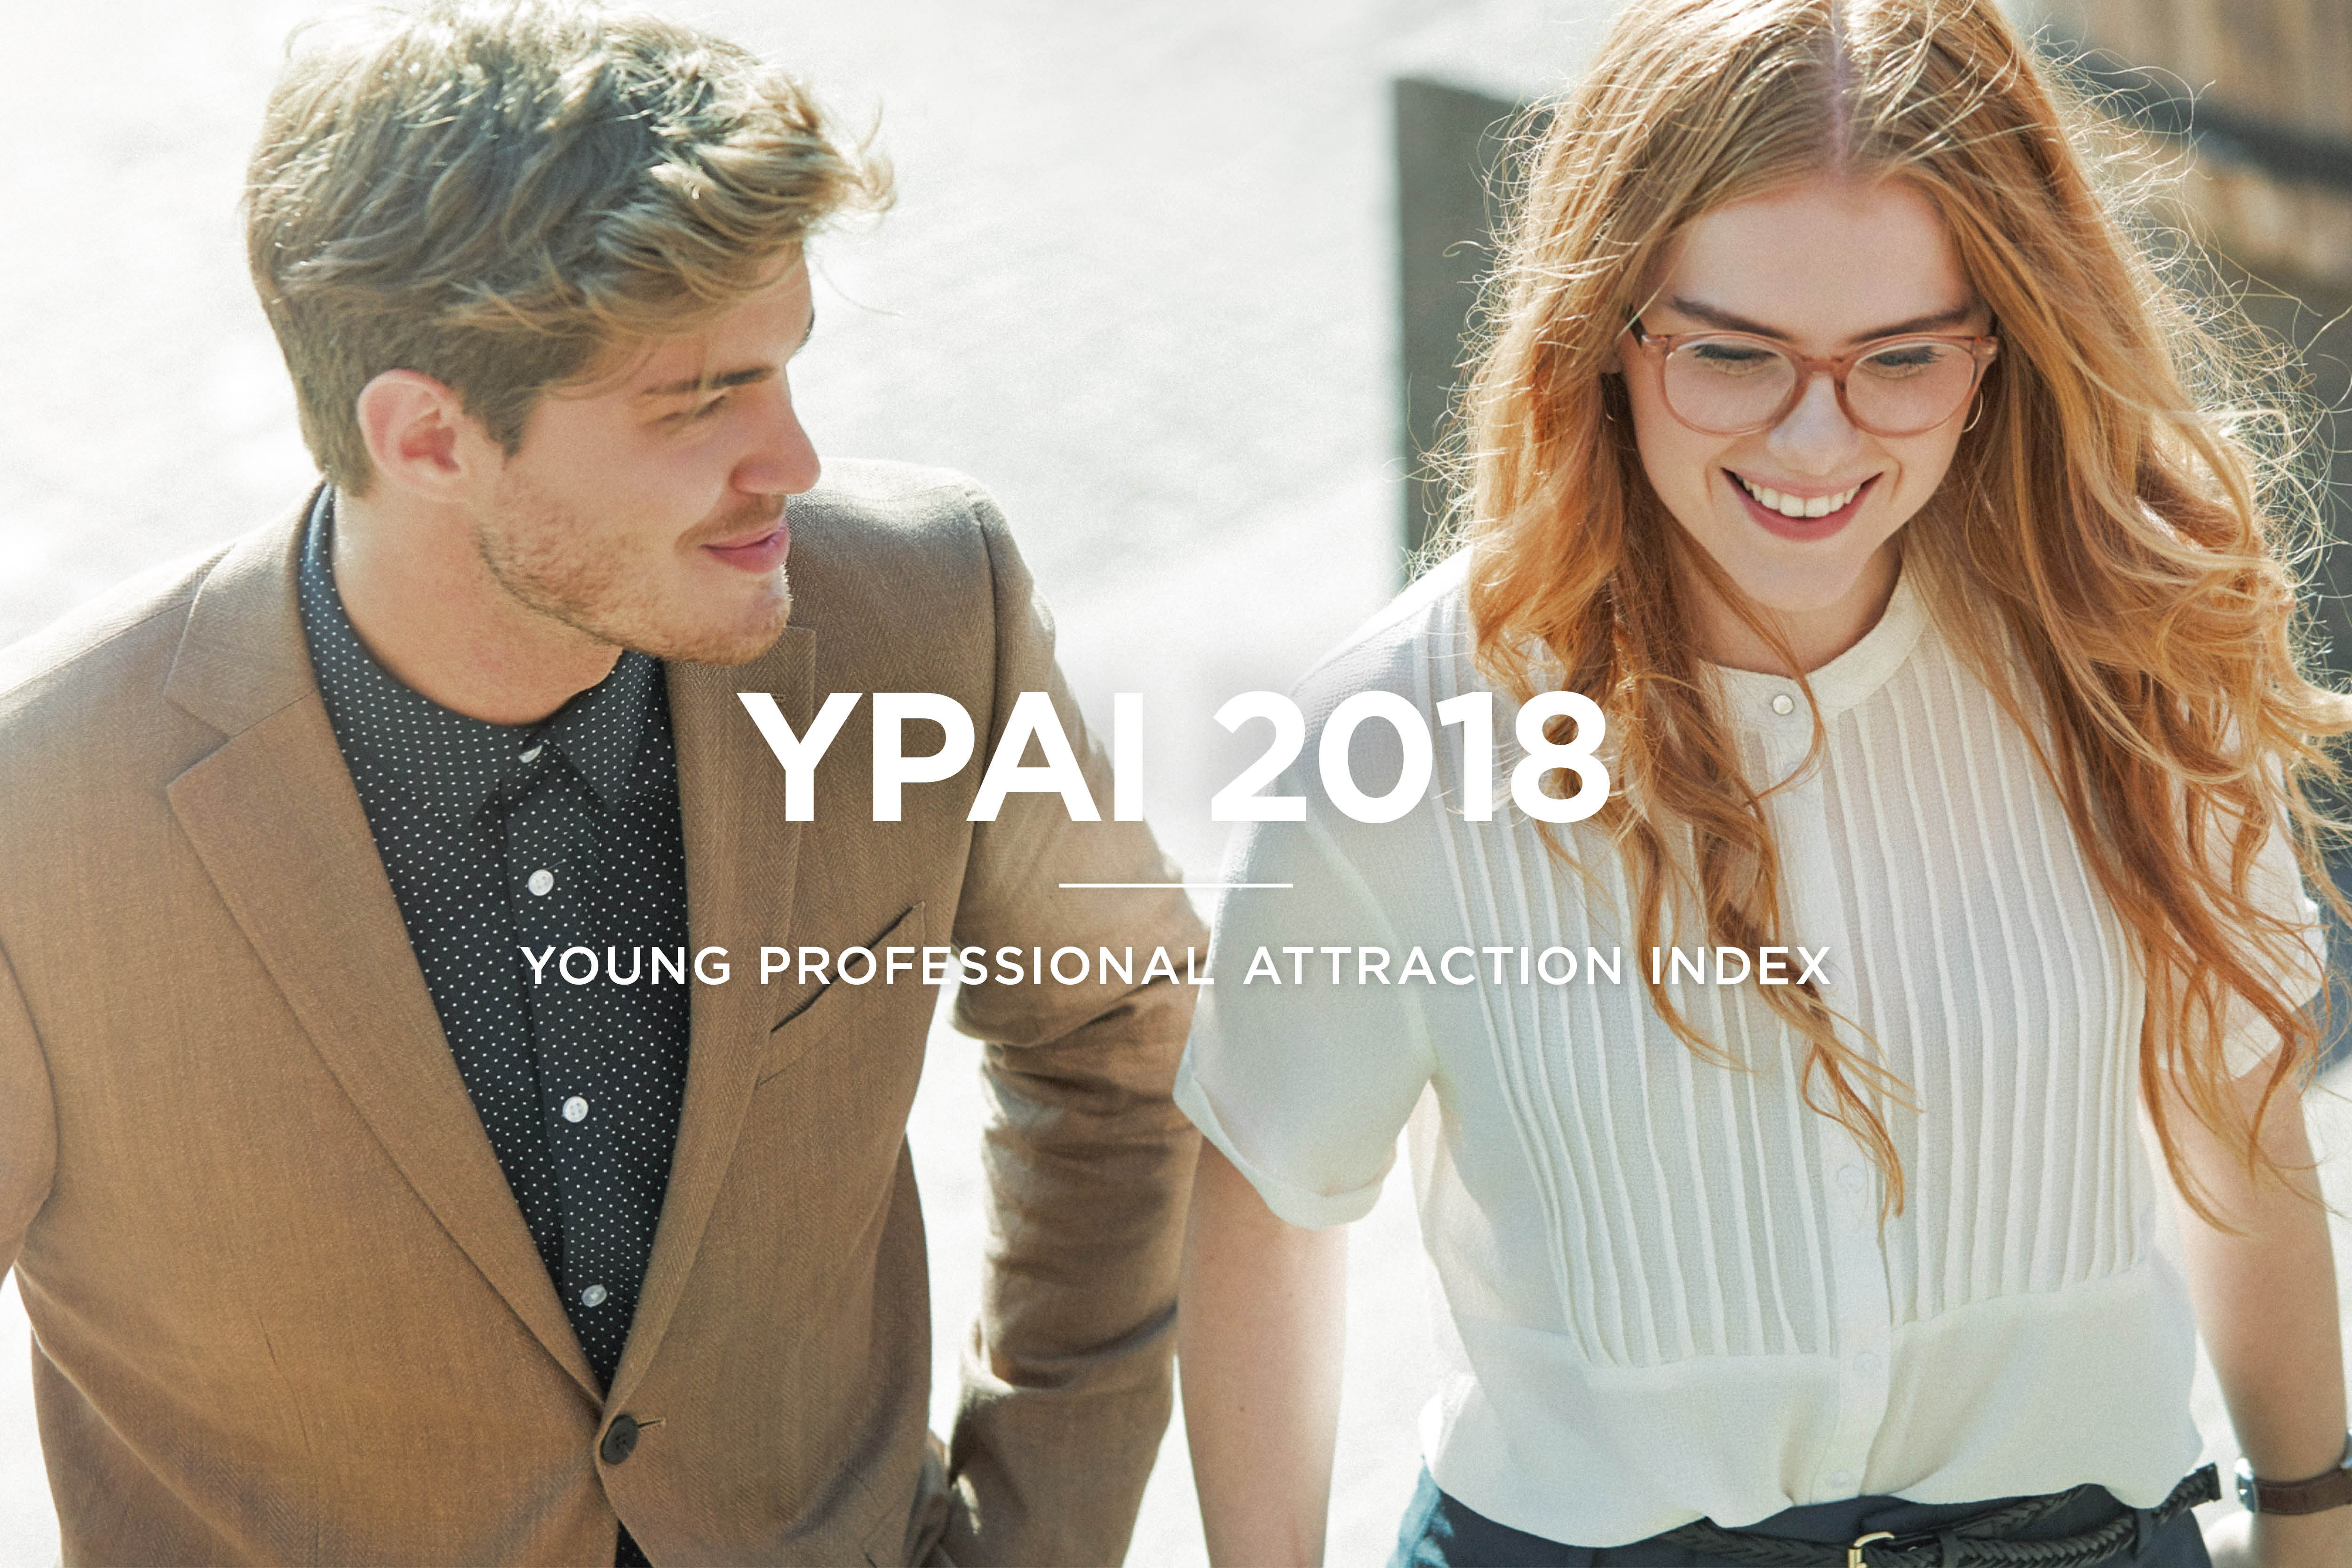 ypai 2018 jeunes professionnels Millennials